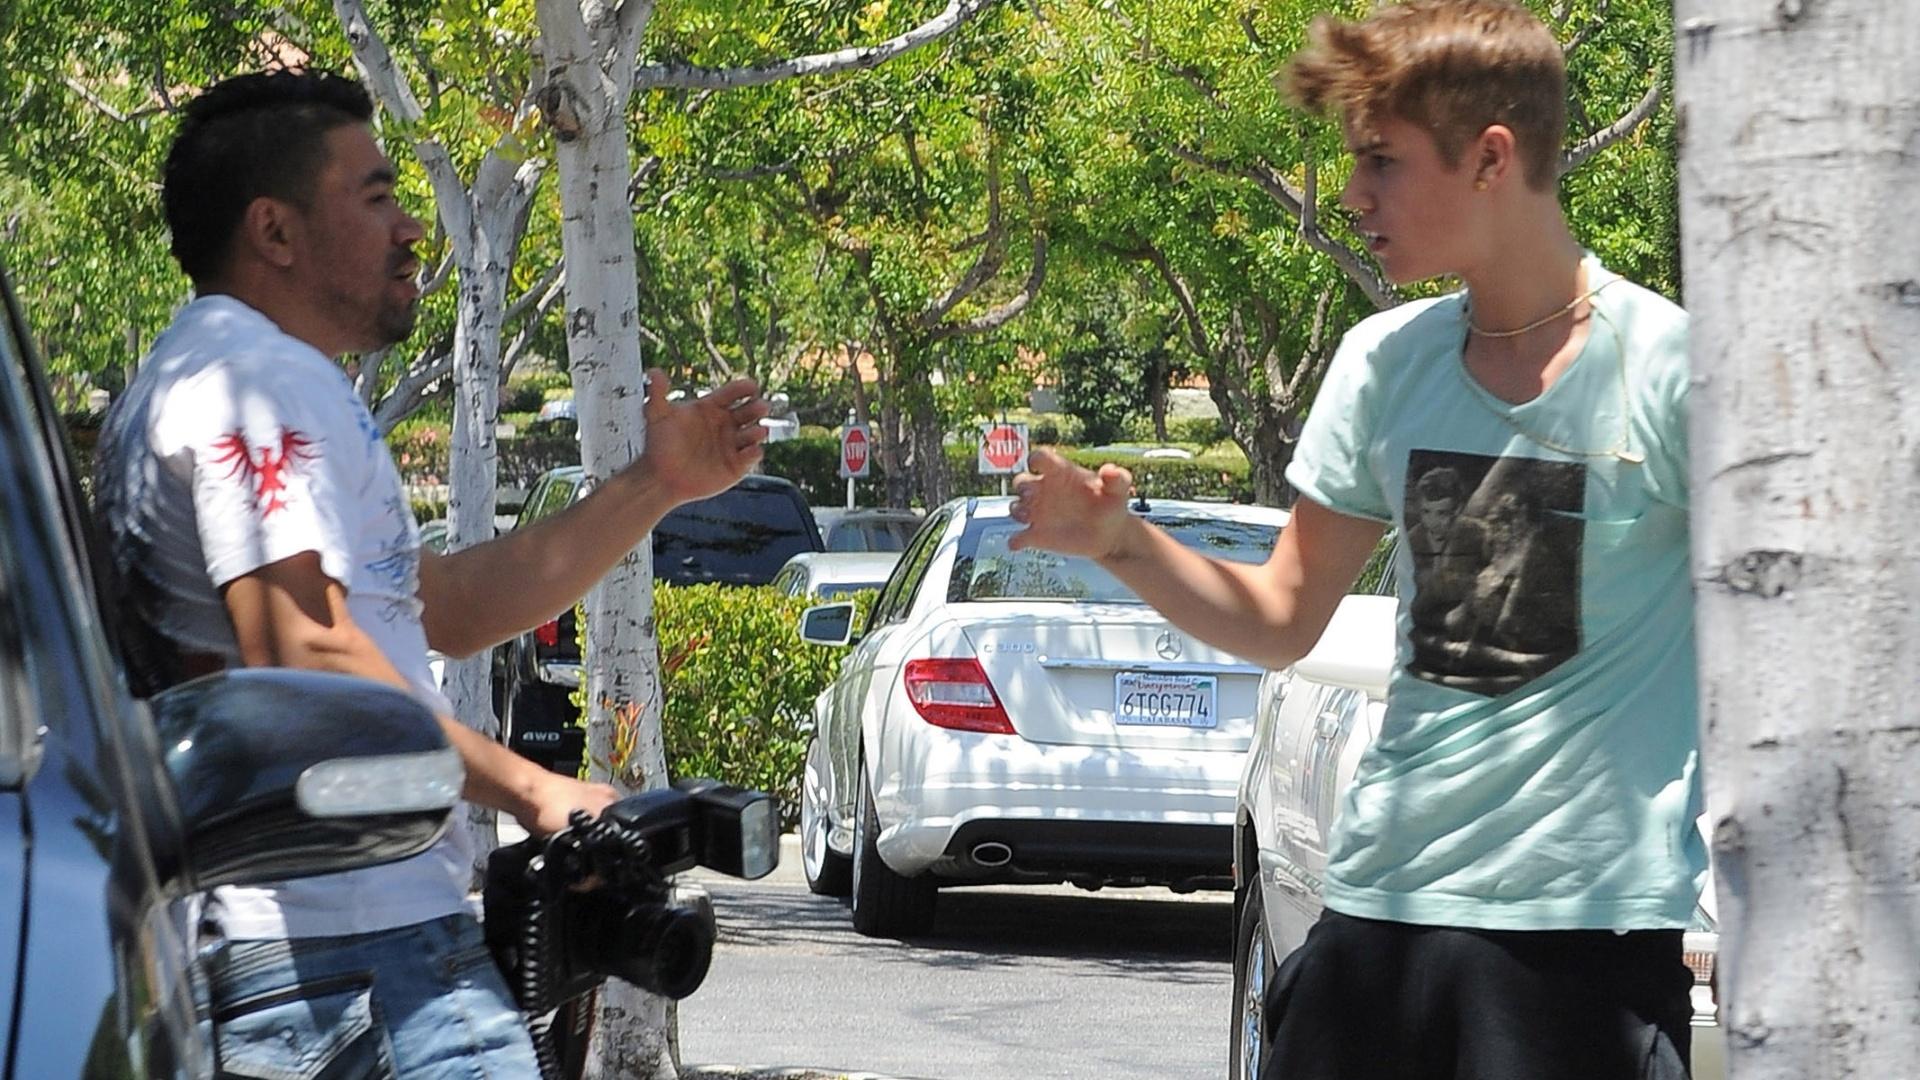 Justin Bieber discute com paparazzo em Los Angeles. Cantor pode ser interrogado por suposta agressão ao fotógrafo (27/5/12)